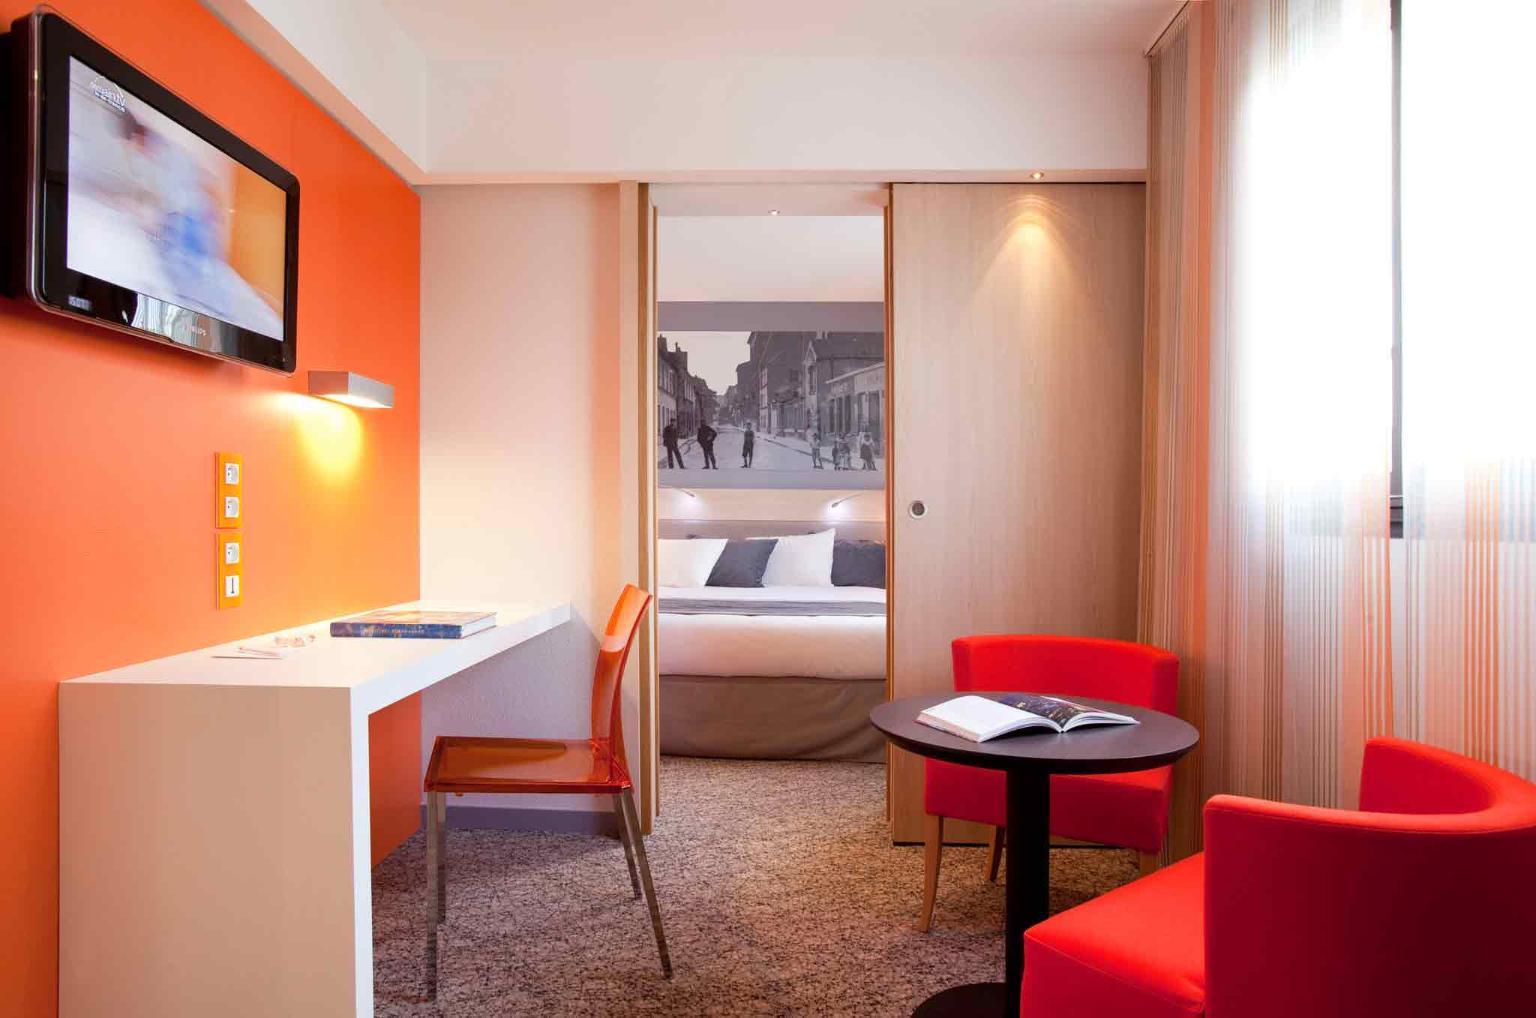 H tel mercure paris 15 porte de versailles h tel 6 rue for Hotels 75015